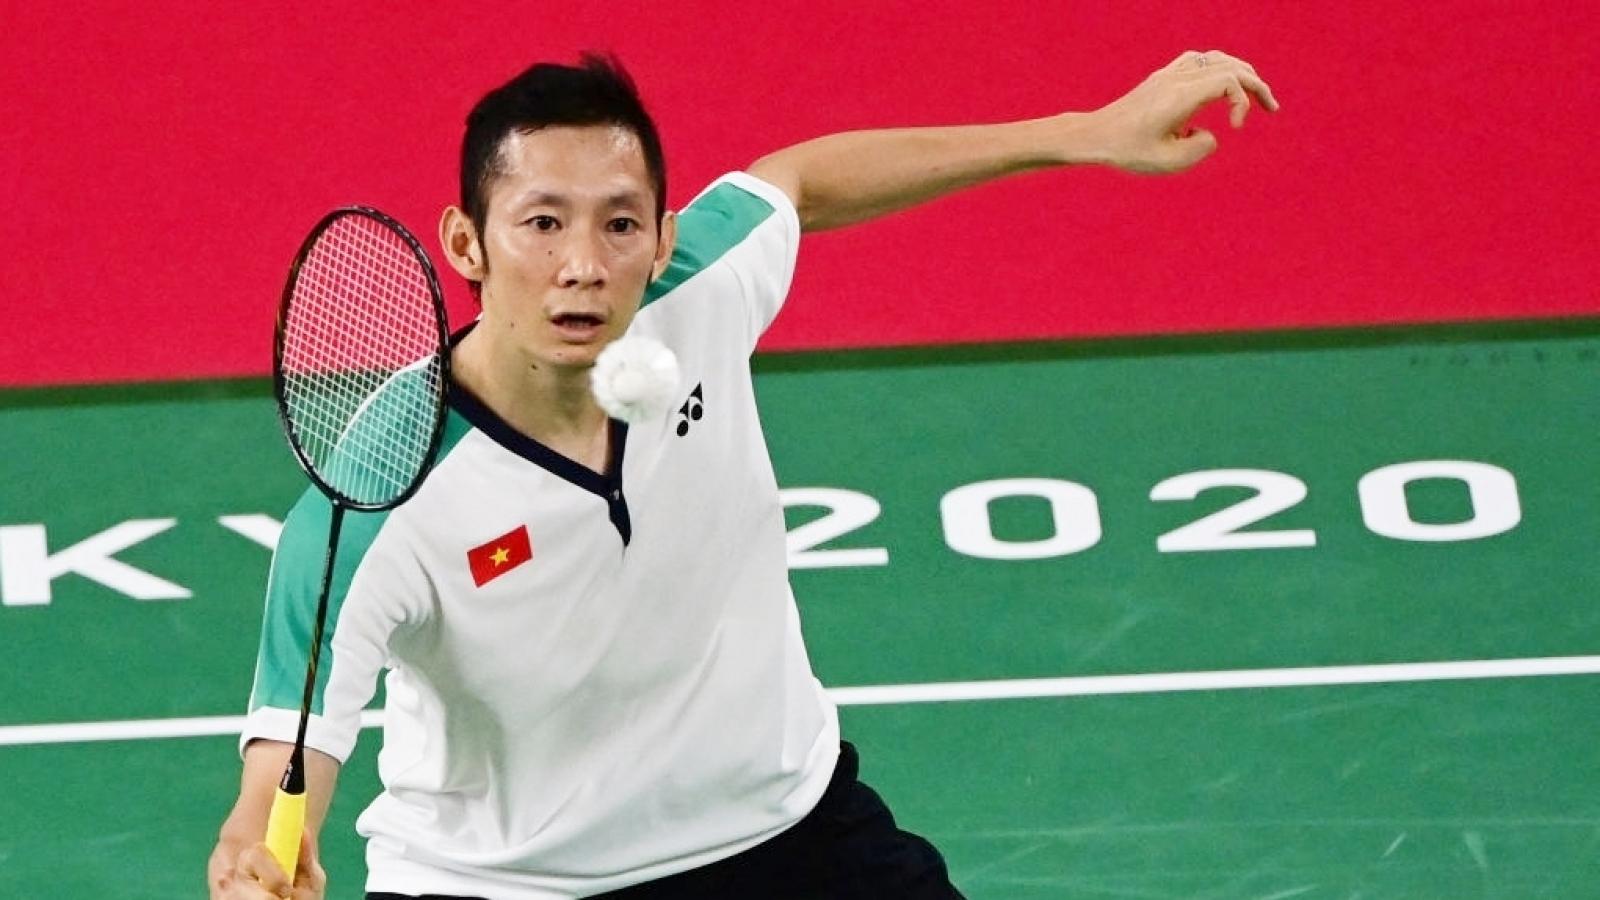 Olympic Tokyo 2020 ngày  25/7: Tiến Minh khép lại ngày buồn của Thể thao Việt Nam